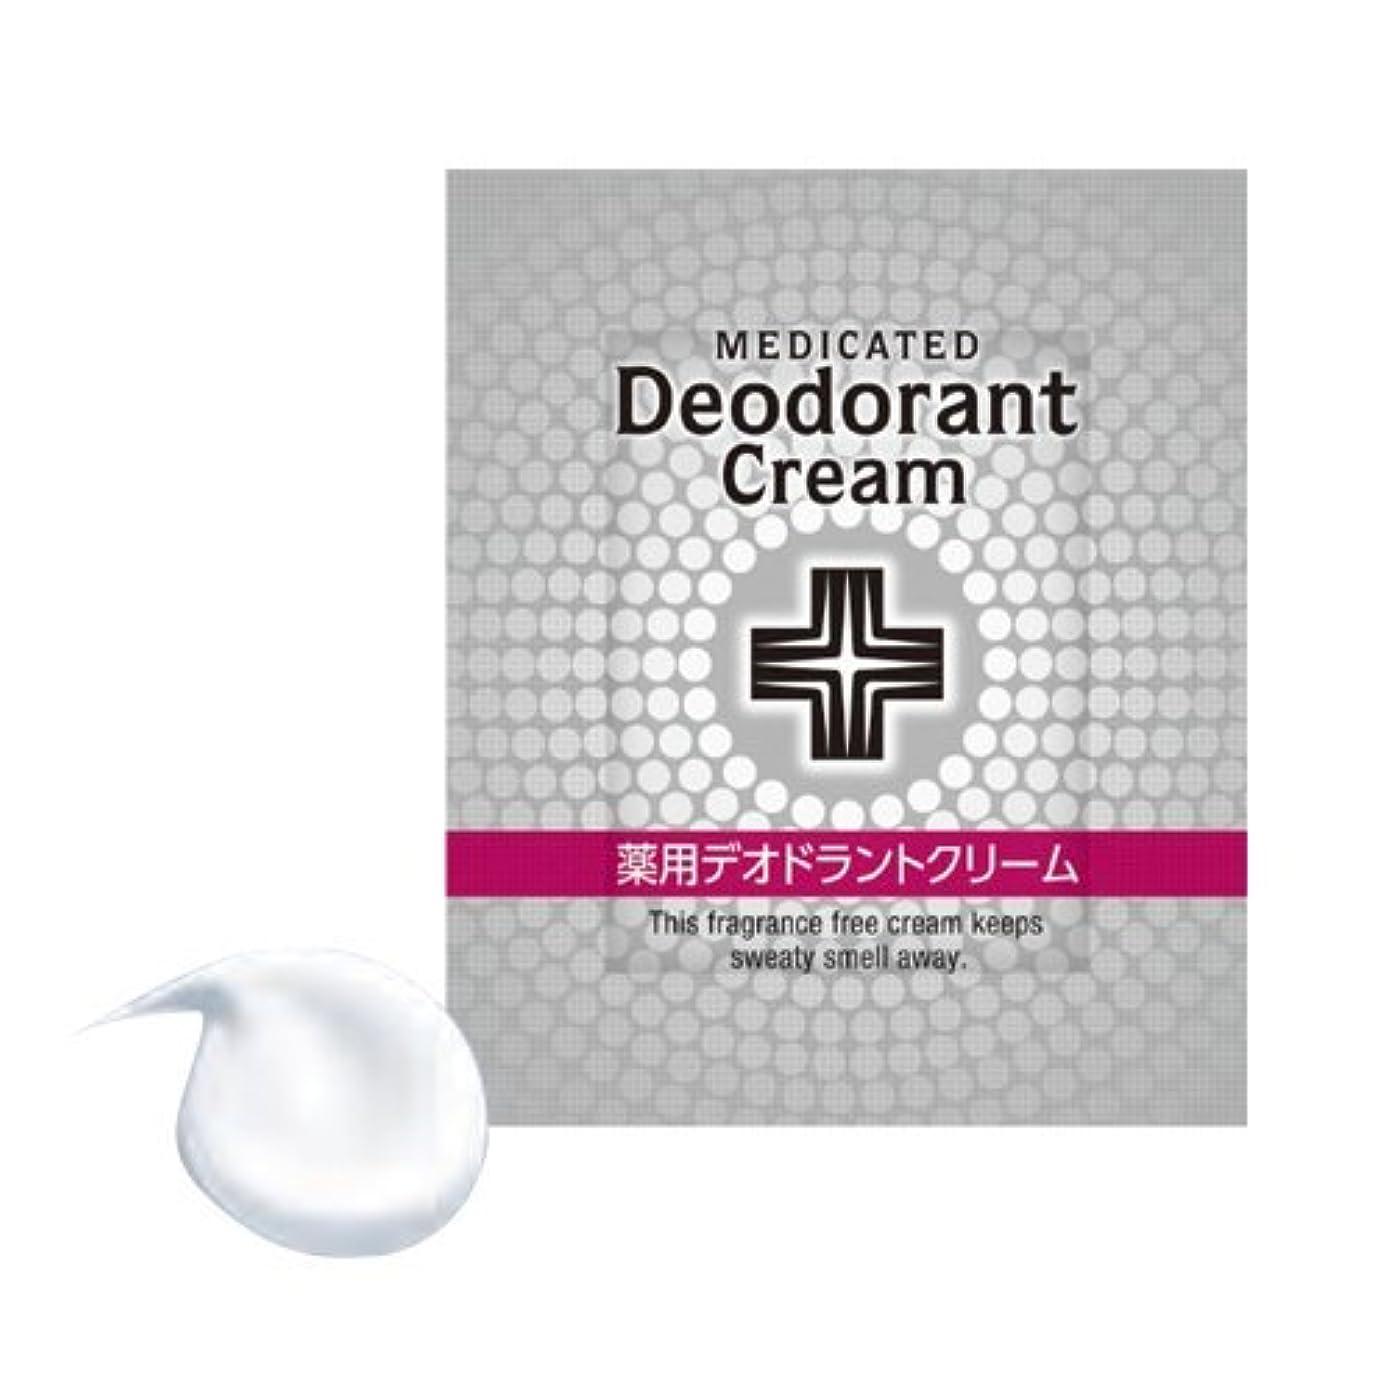 差し引くそれによって羽ウテナ商事 薬用デオドラントクリーム 1g 20個